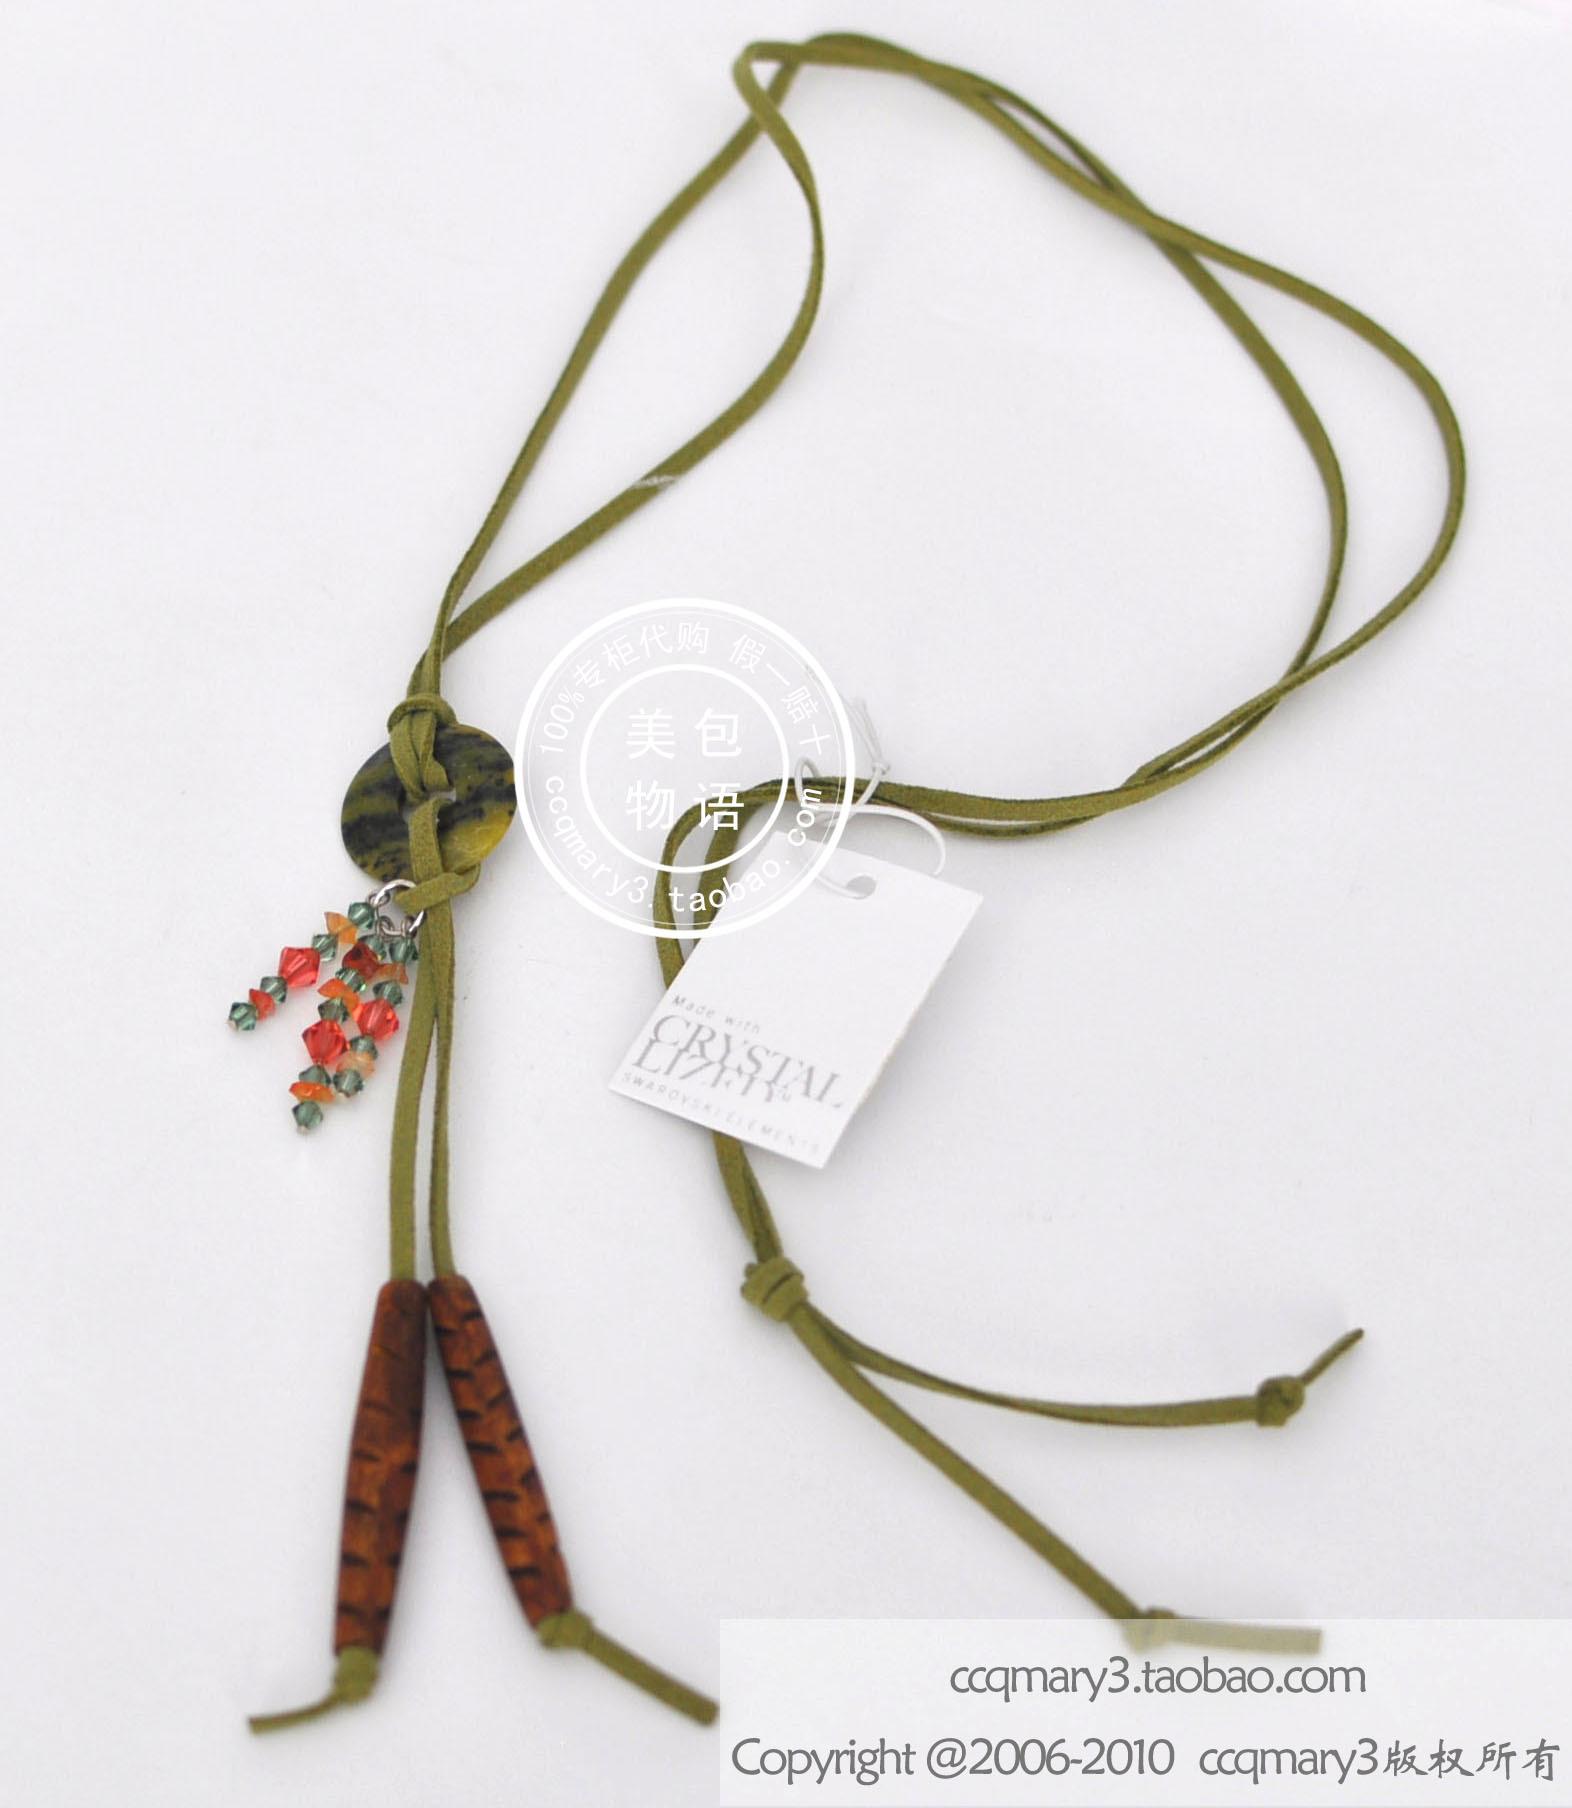 Украшения на шею   Swarovski/CRYSTAL LIZELY 1516066 украшения на шею swarovski gillian necklace 678189